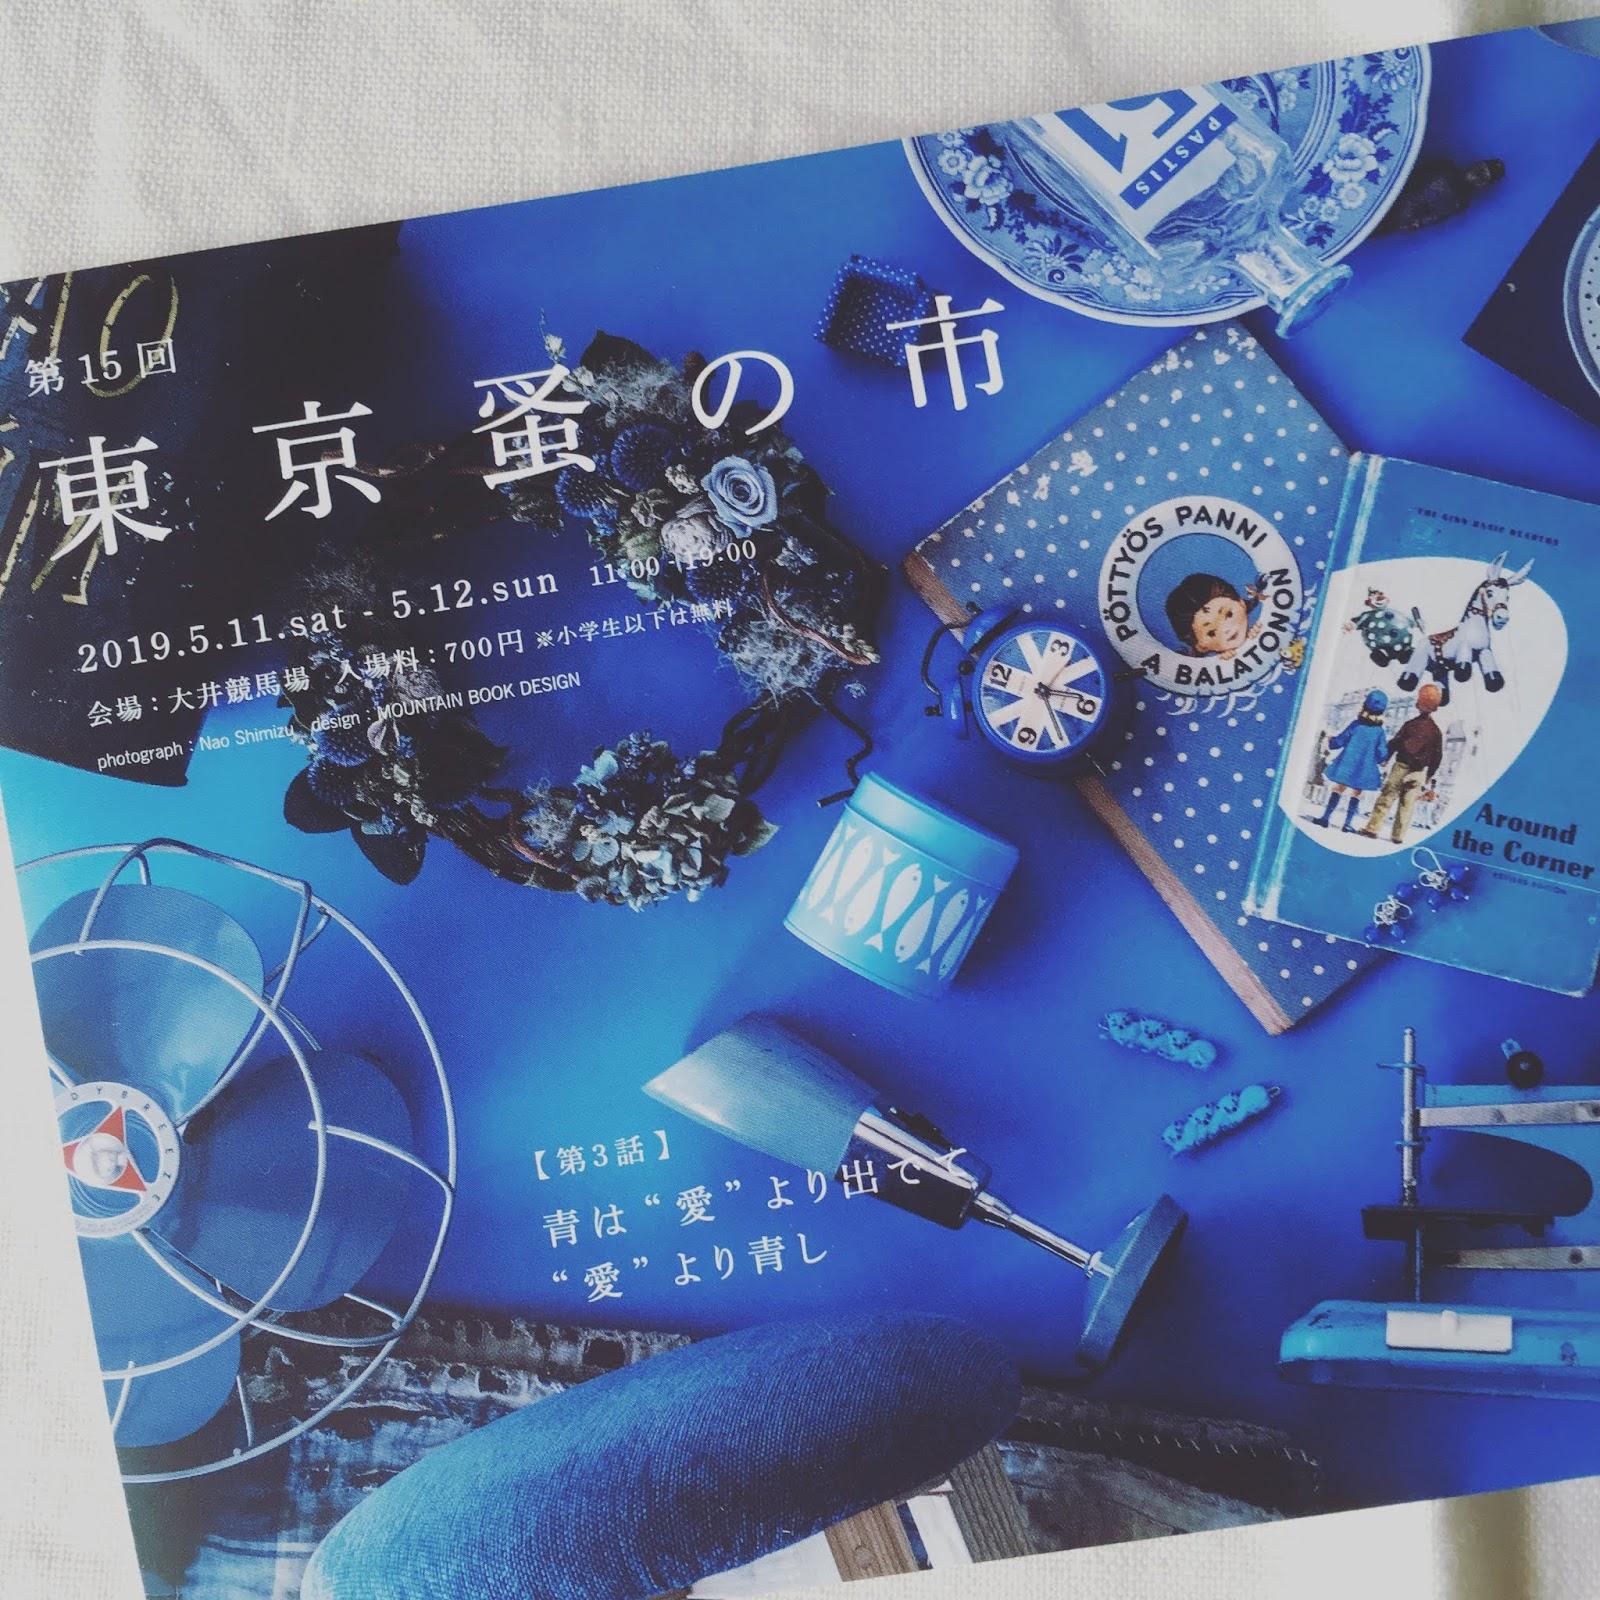 5月11日(土)12日(日)、手紙社さんの「東京蚤の市」のてぬぐい市に出品します!